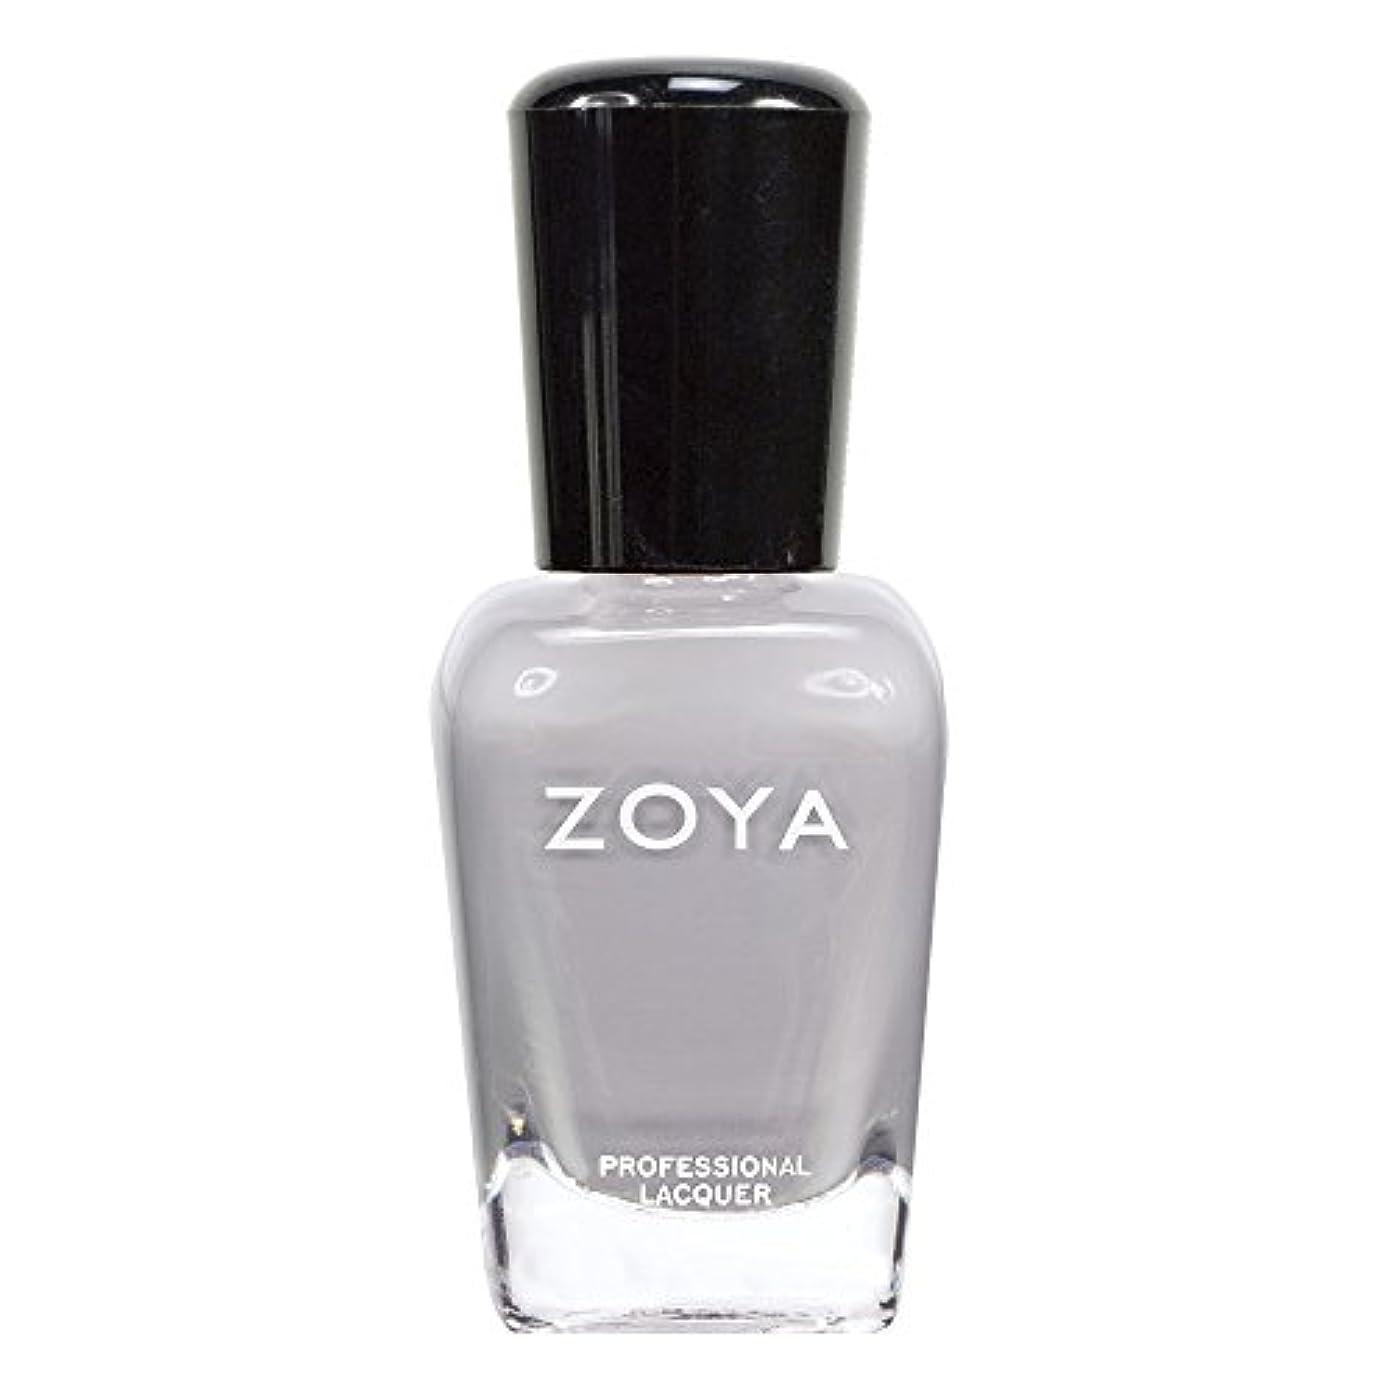 光のみがきます愛情ZOYA ゾーヤ ネイルカラーZP592 CAREY キャリー 15ml  紫がかったグレー マット/クリーム 爪にやさしいネイルラッカーマニキュア